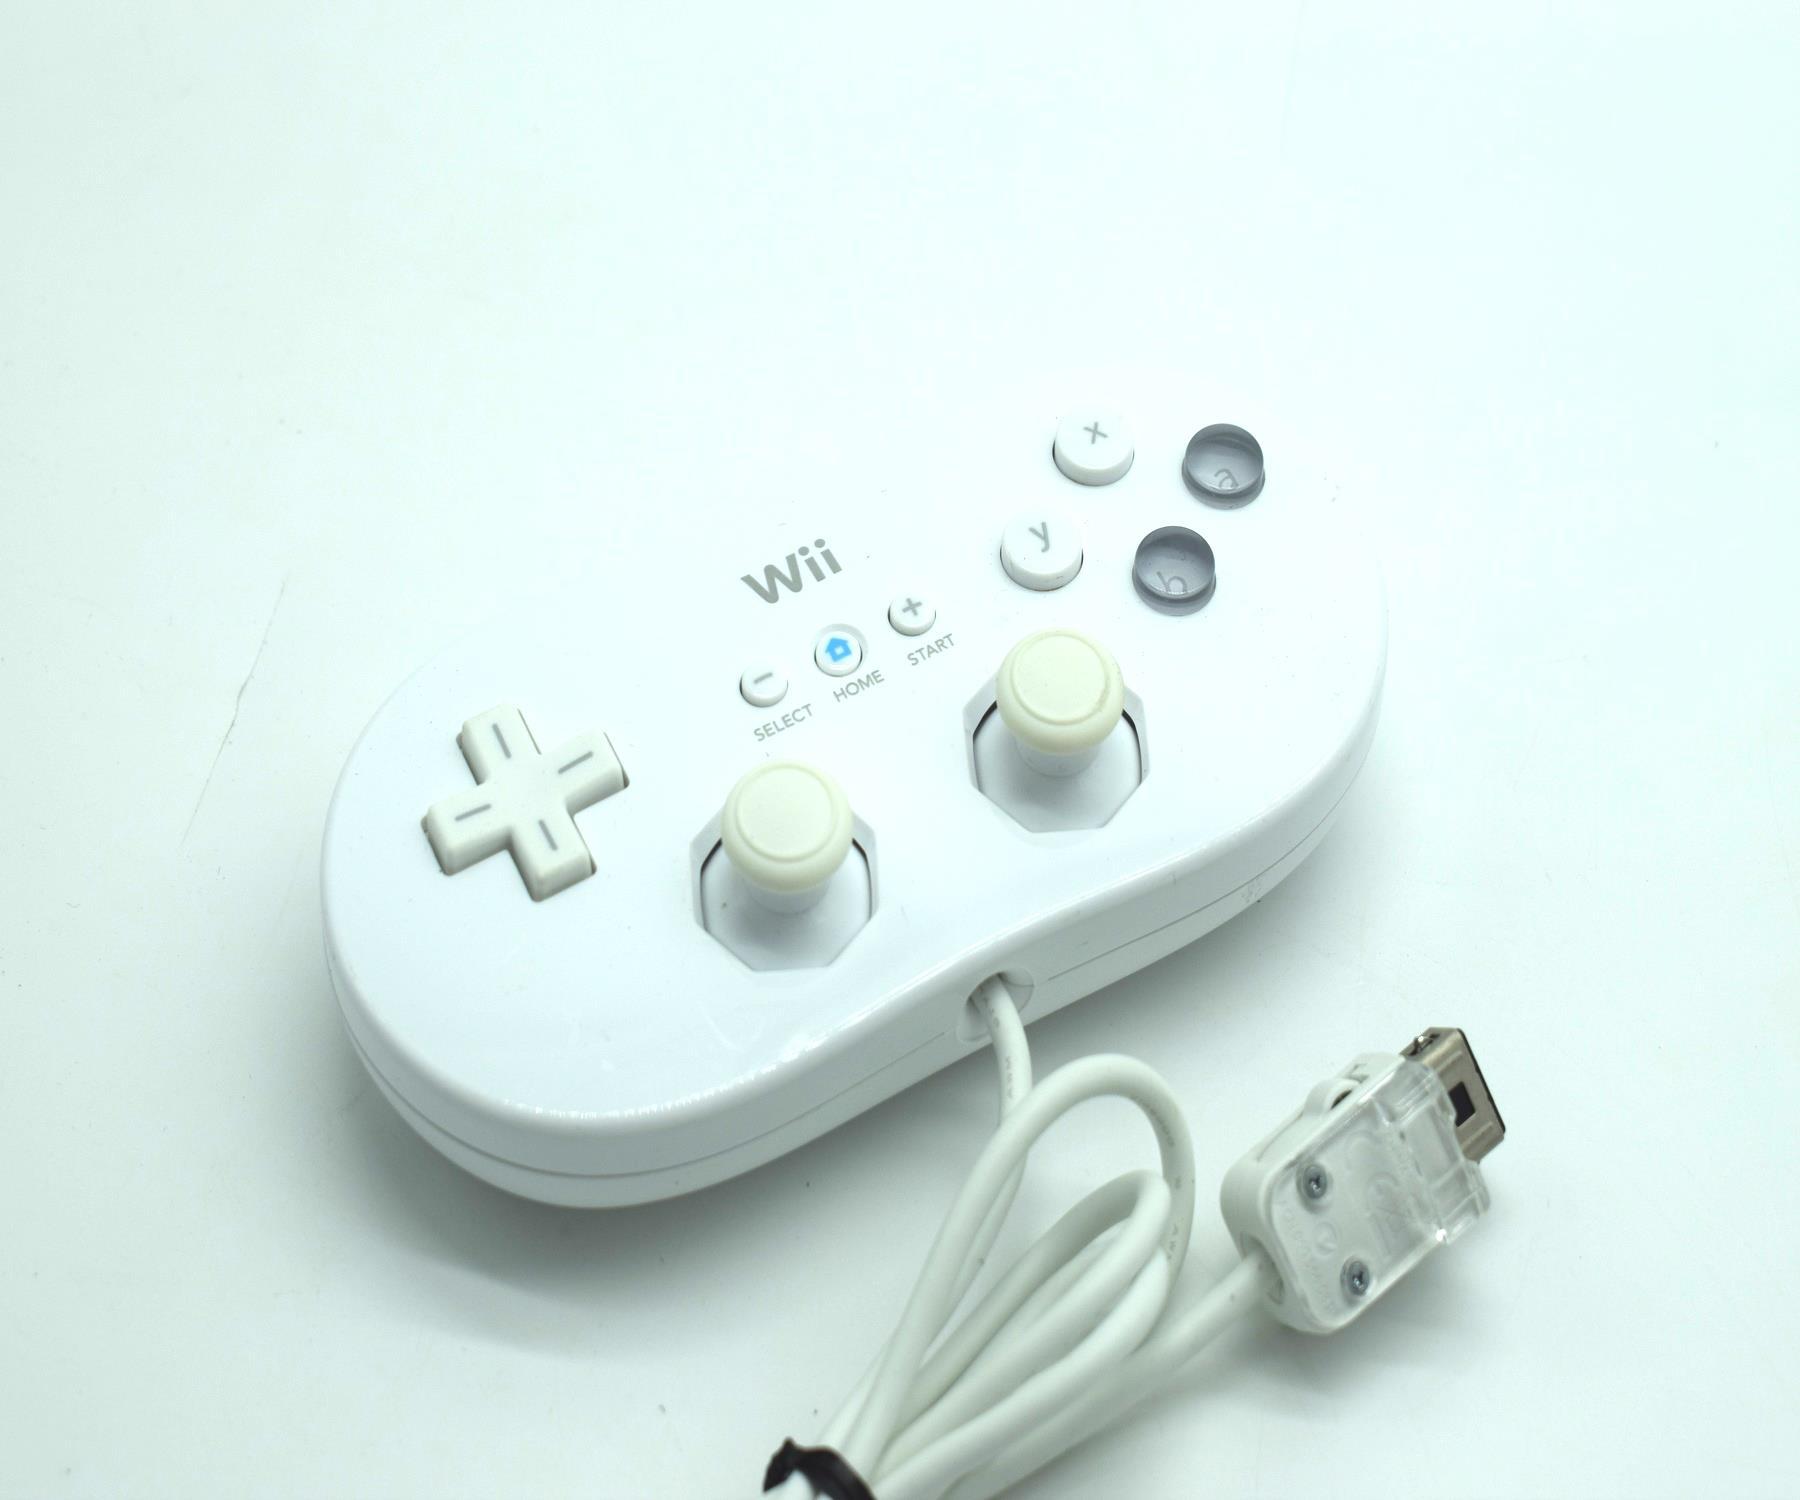 Official-Nintendo-Wii-amp-Remote-U-Plus-Genuine-Original-Controller miniatuur 21